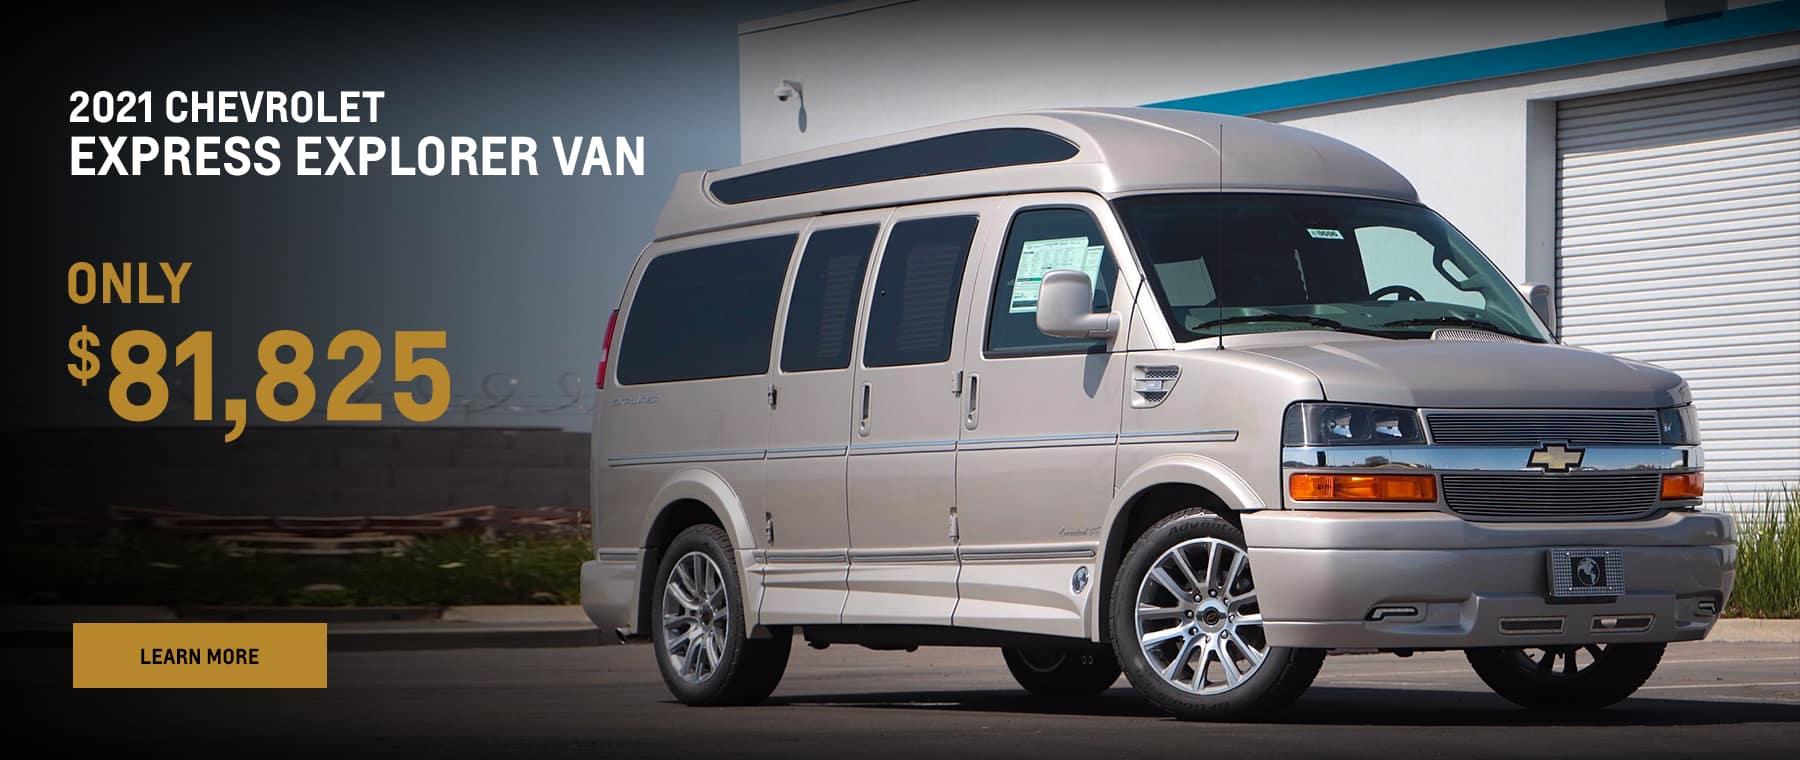 Chase Chev- 2021 Explorer Van May21 v2